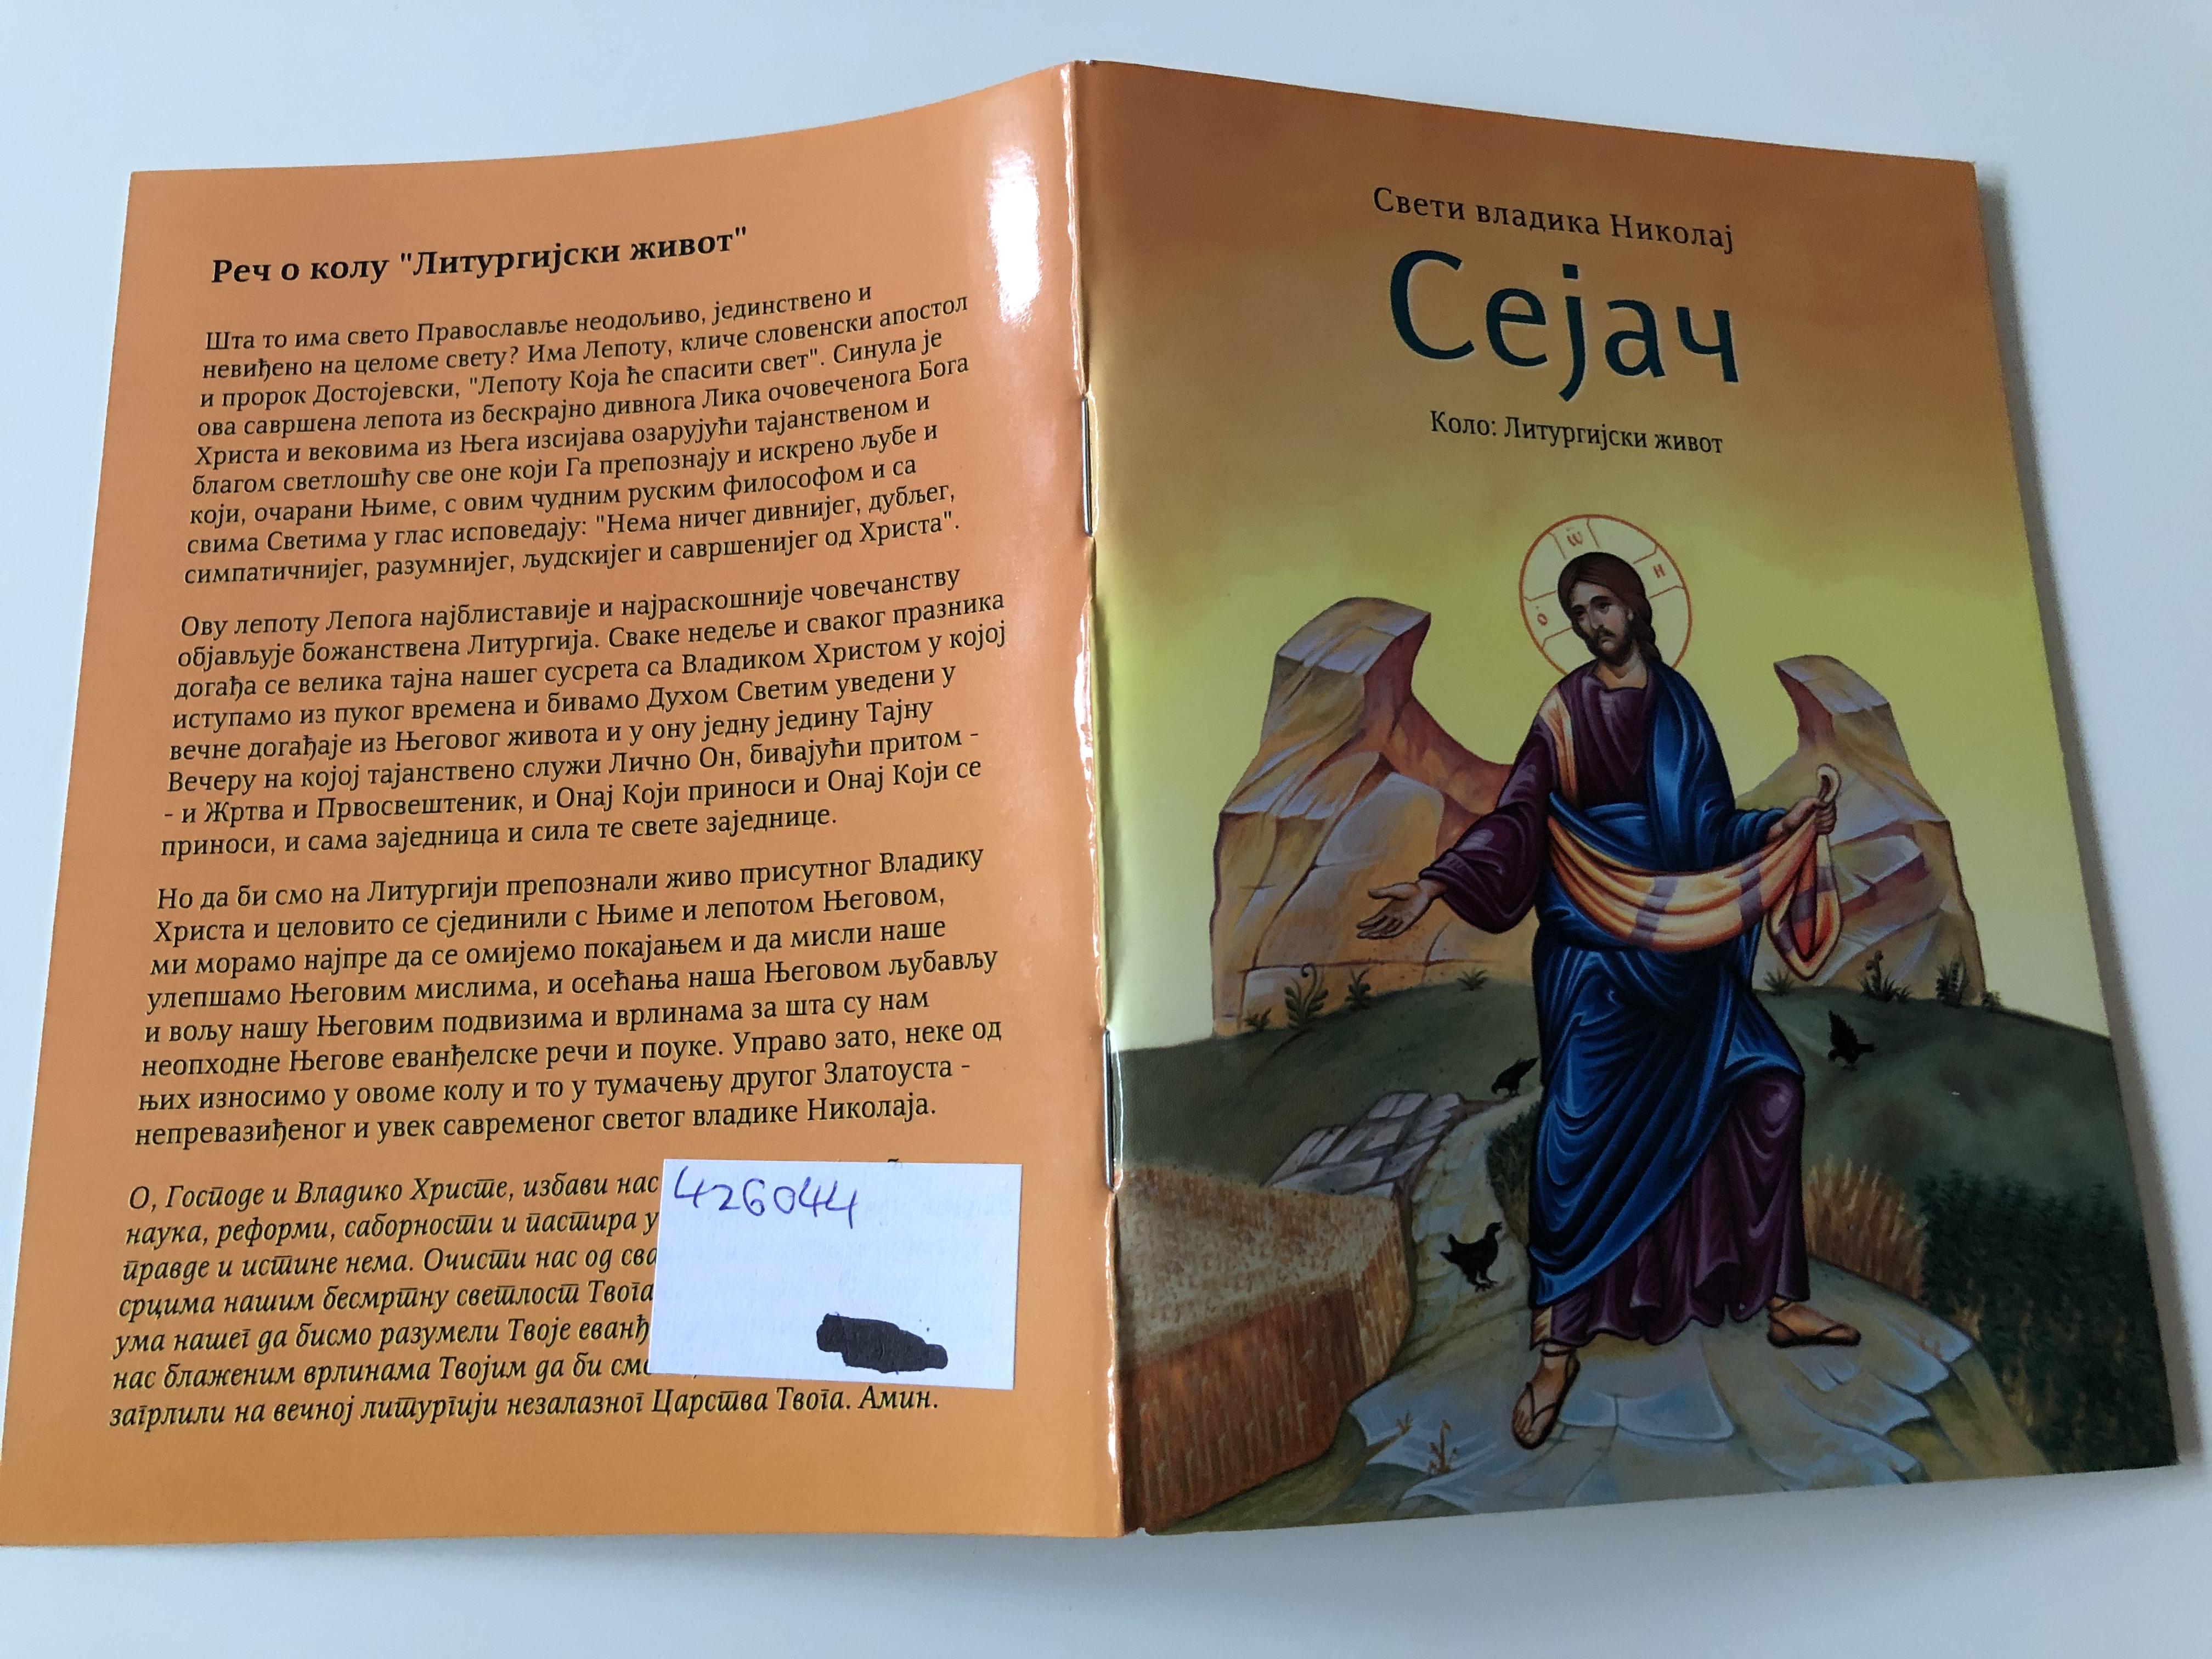 serbian-jesus-parable-of-sower-of-seeds-orthodox-storybook-11-.jpg